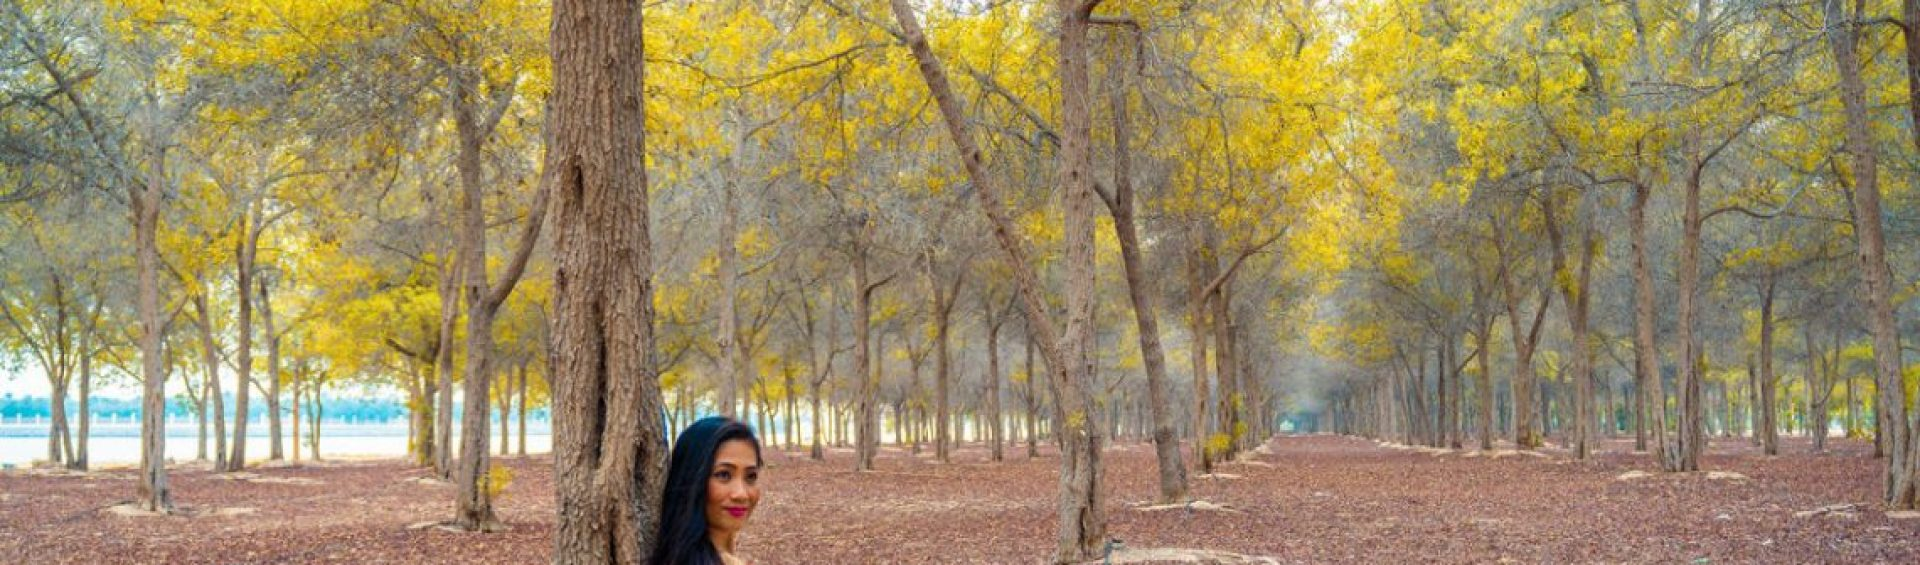 abu dhabi model photography place